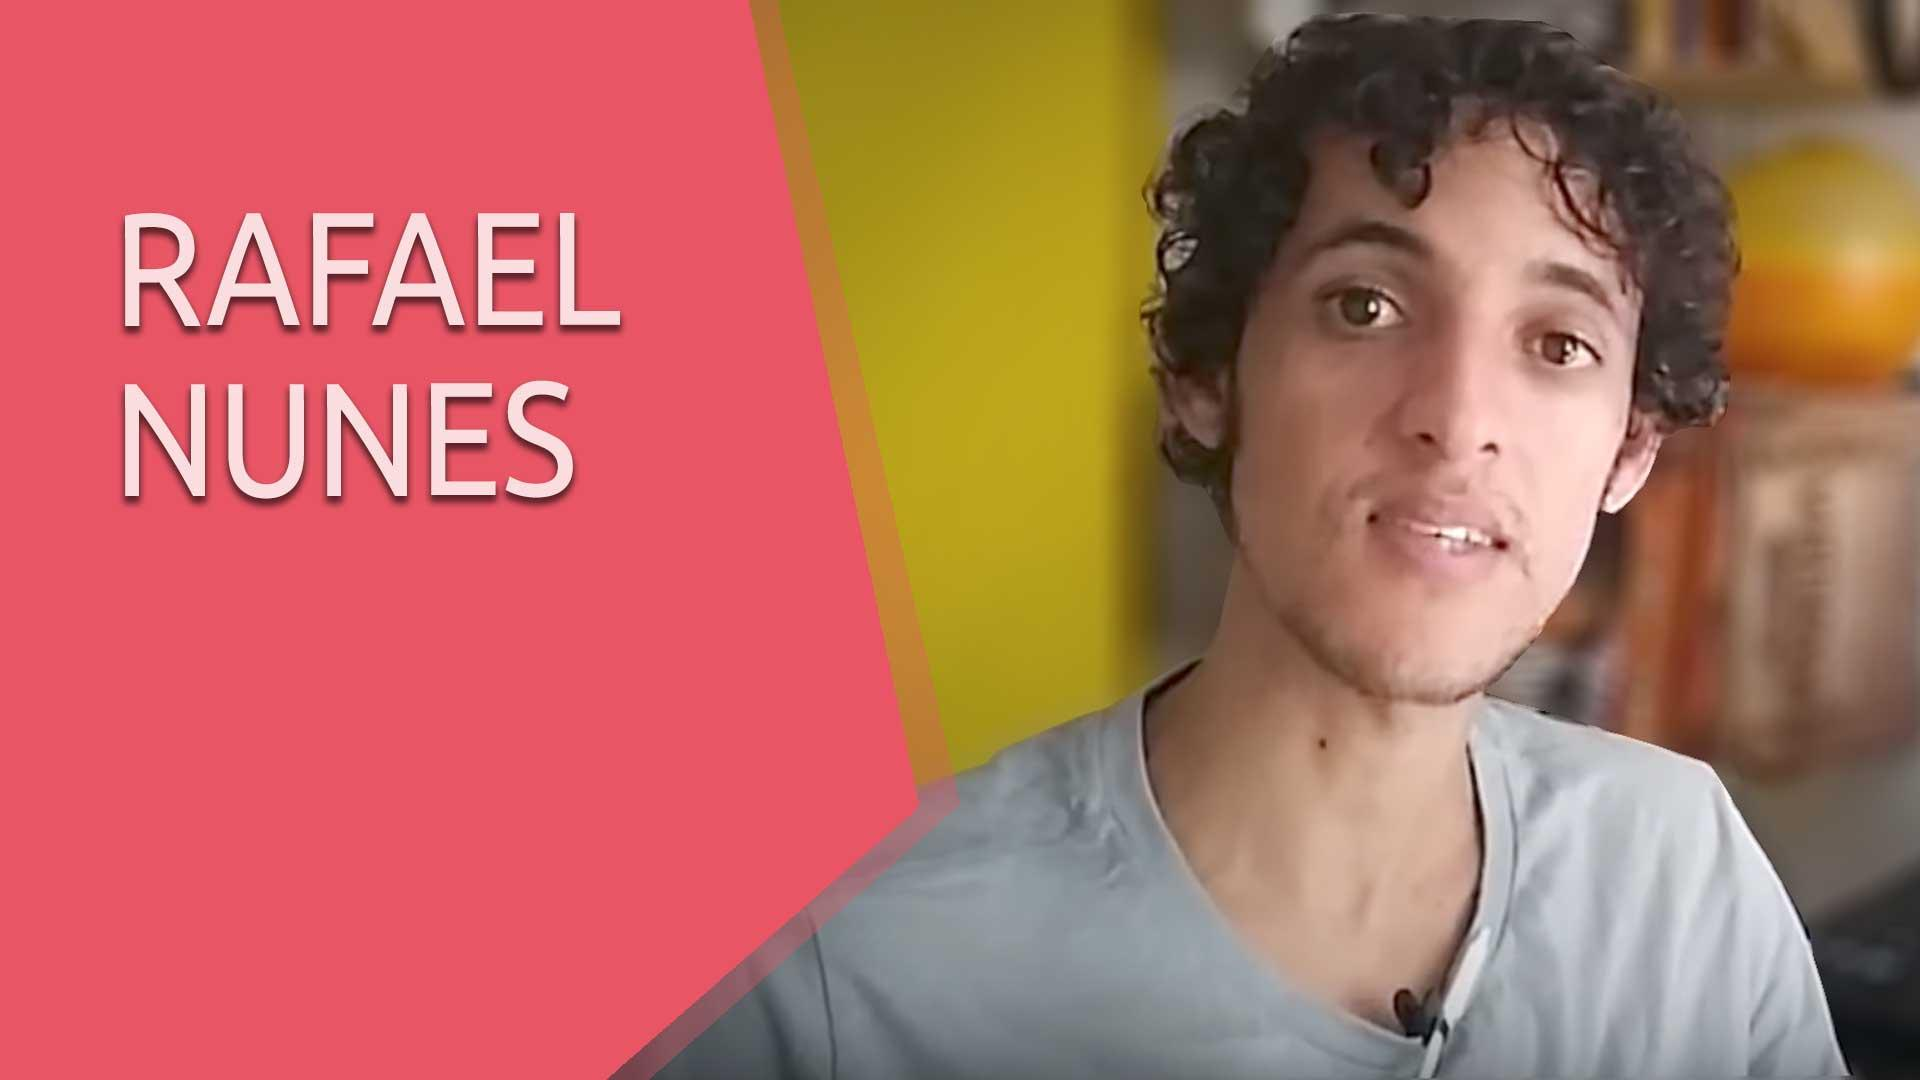 Confira o que o Rafael Nunes tem a dizer sobre a Upinside - Depoimento